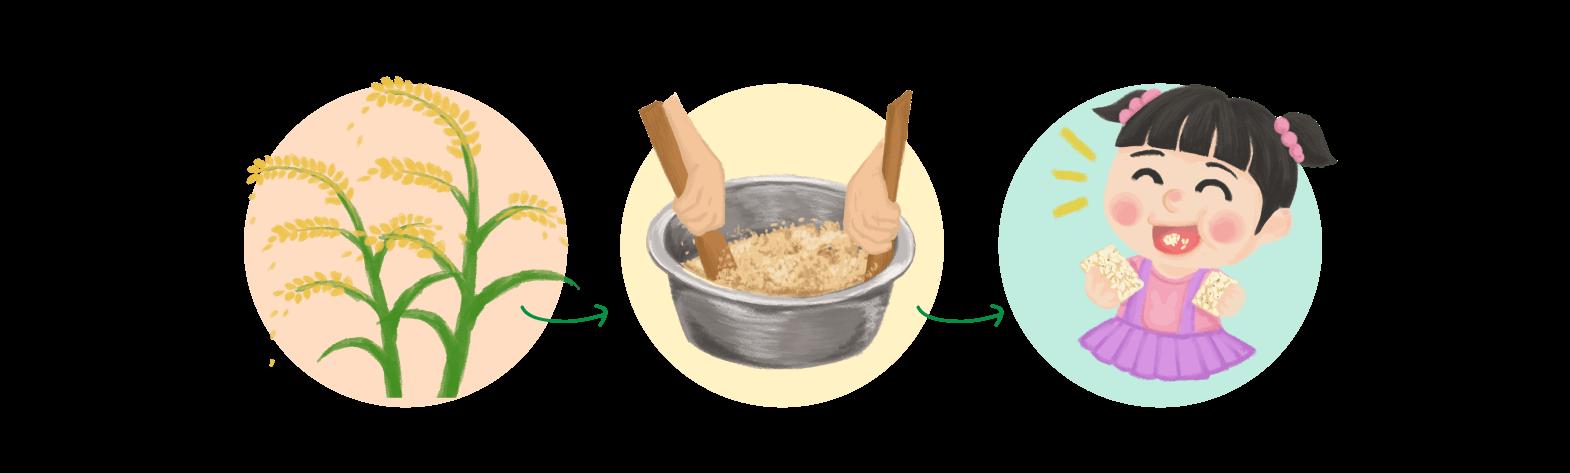 爆米香流程圖